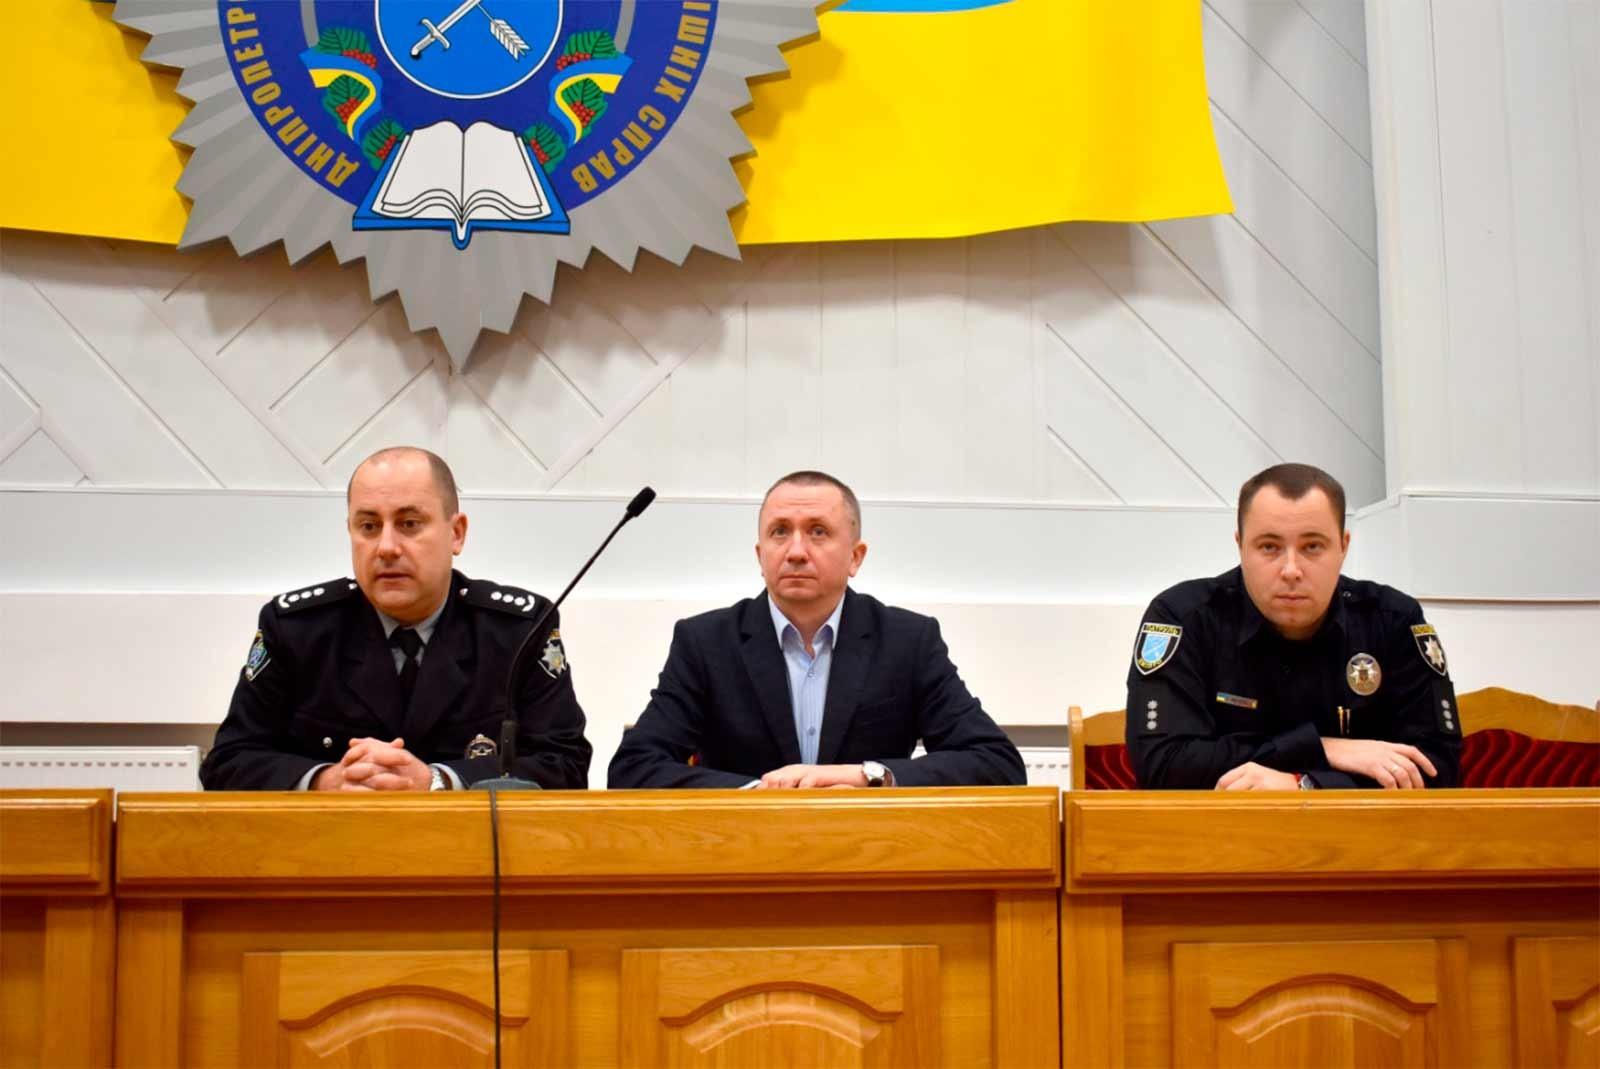 Костянтин Бахчев, Володимир Ковбаса та Володимир Козуб